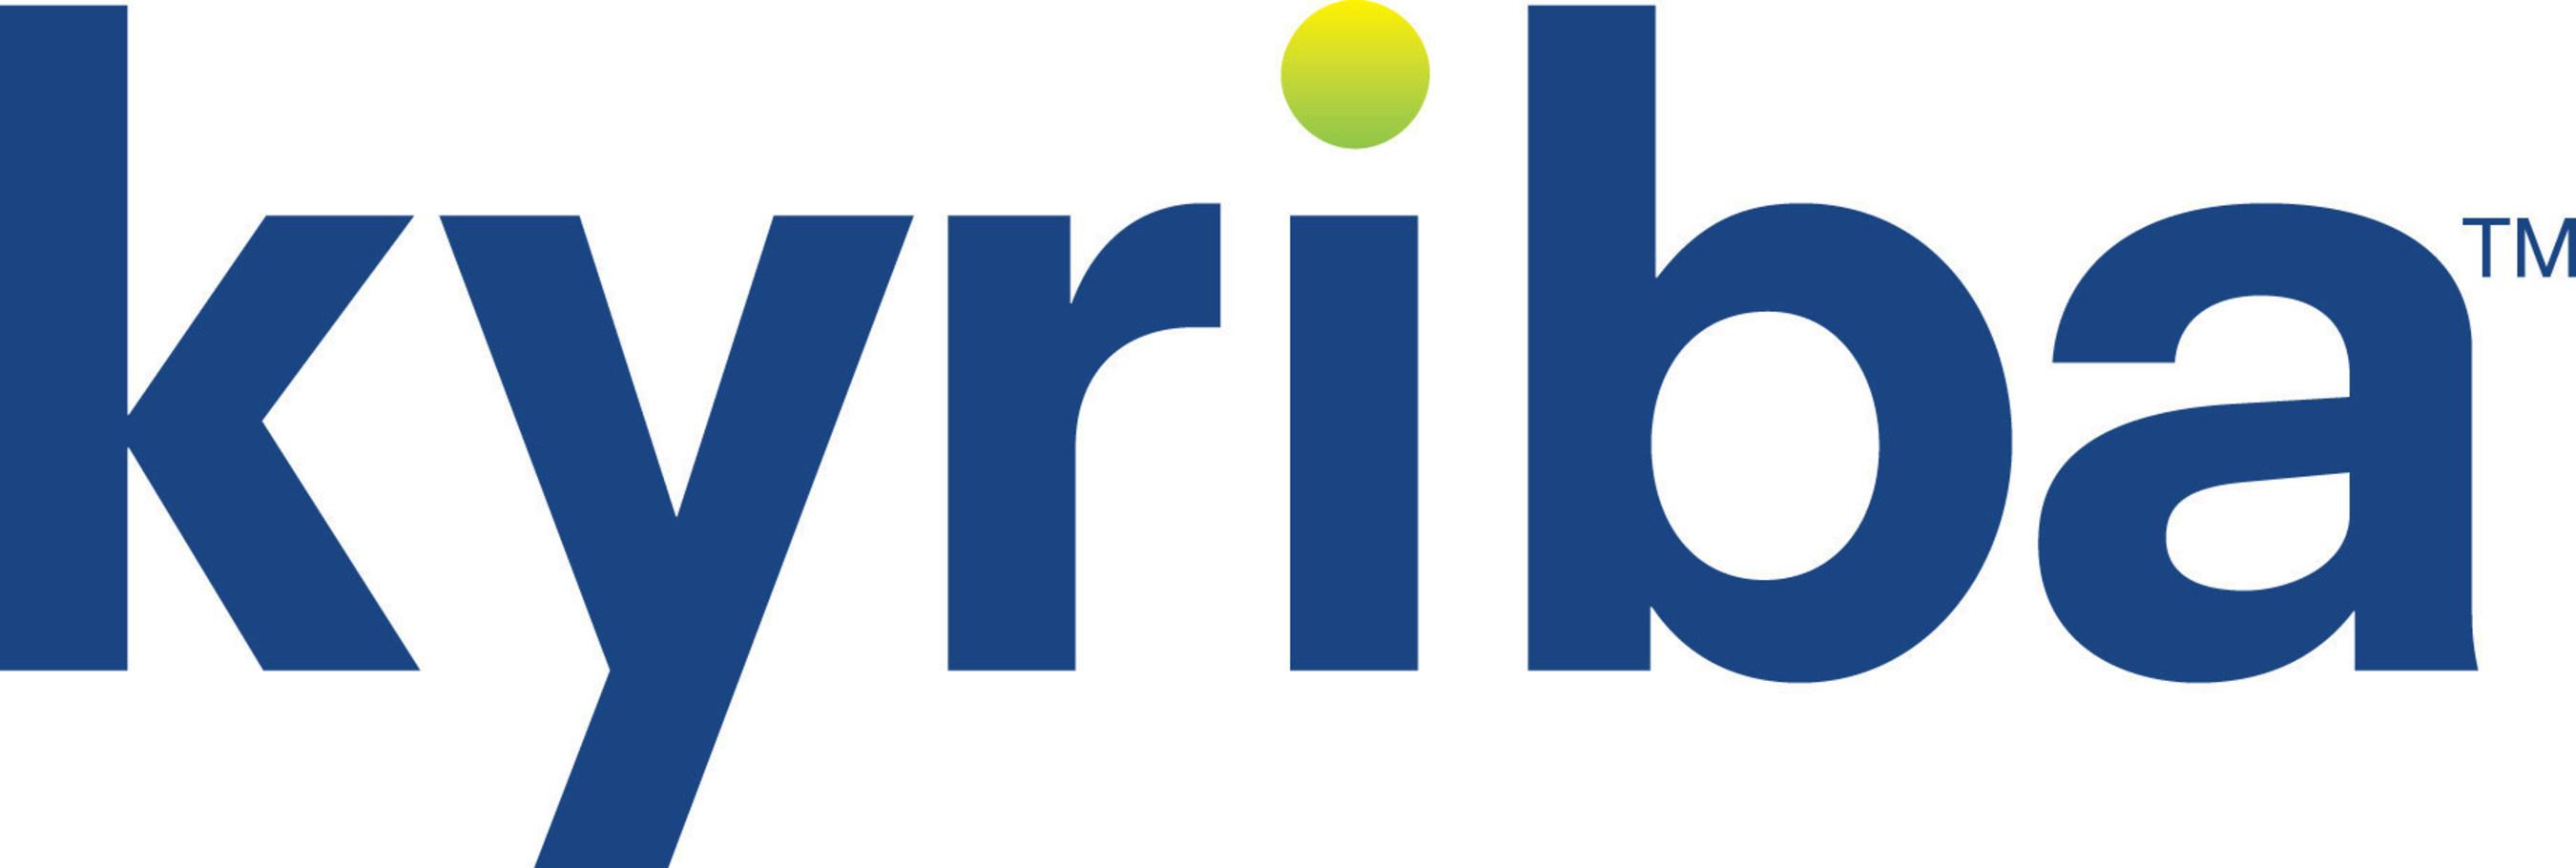 Kyriba Live